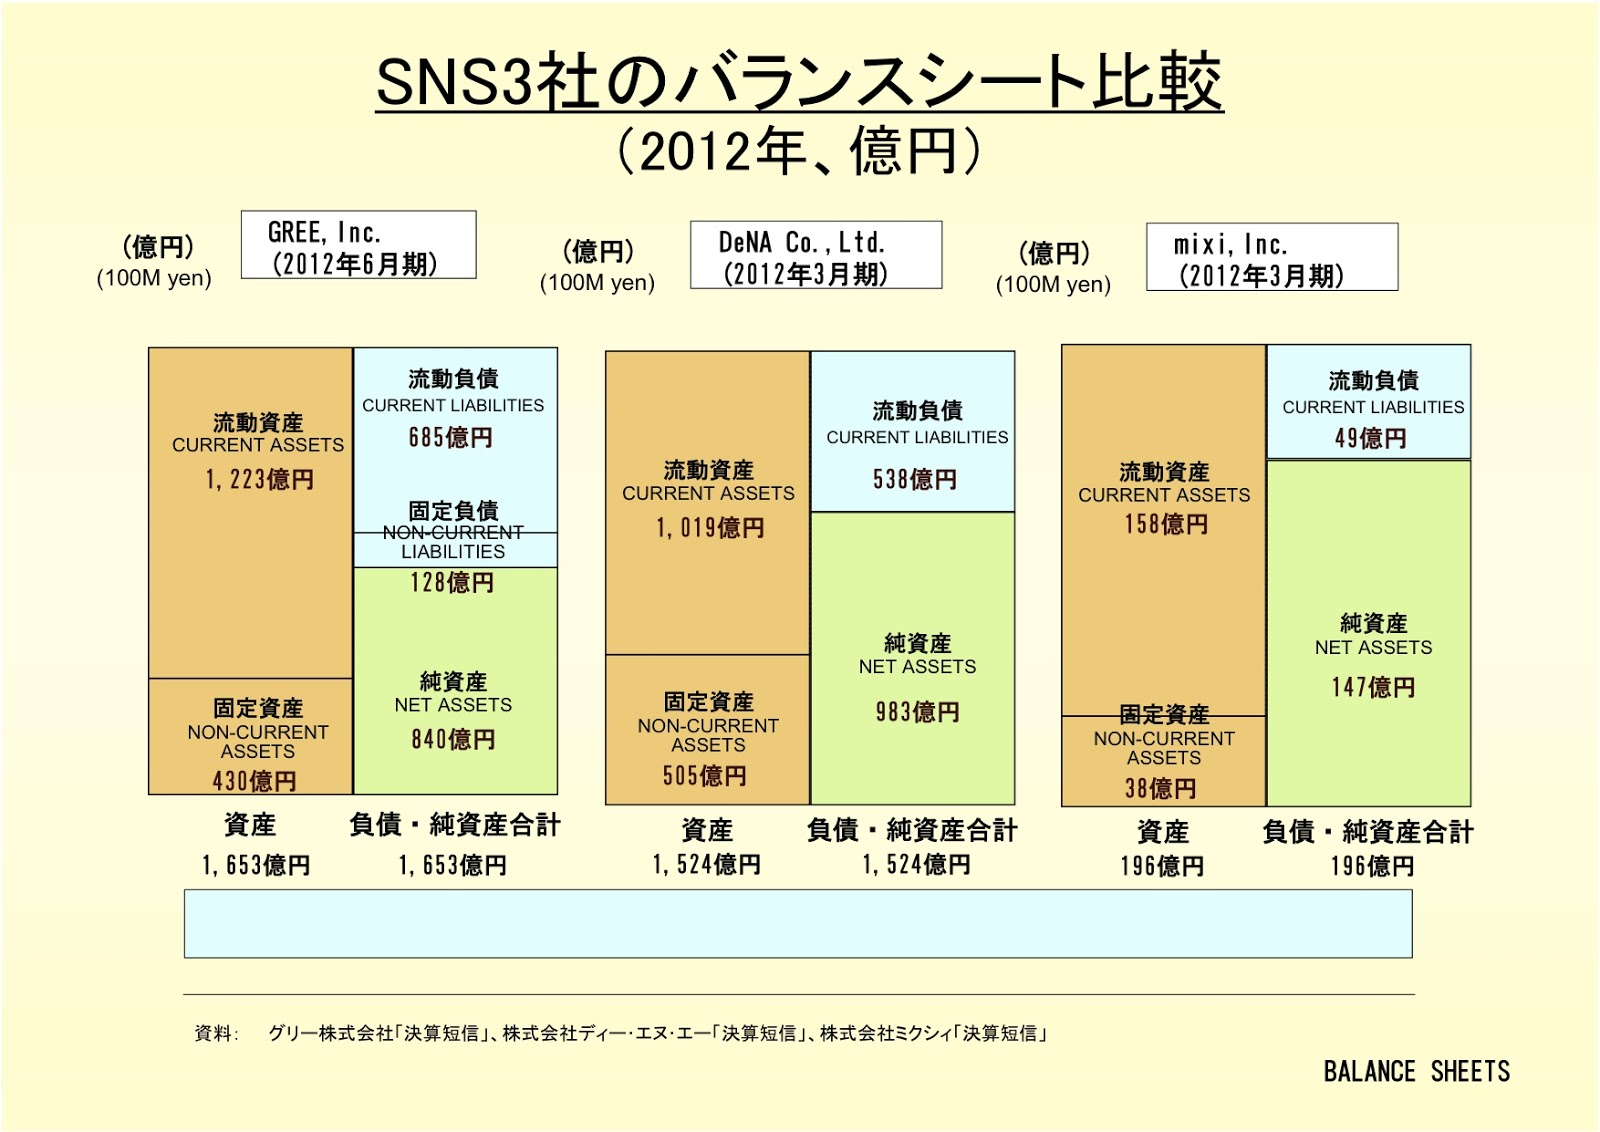 株式会社DeNAと他SNS社のバランスシート比較